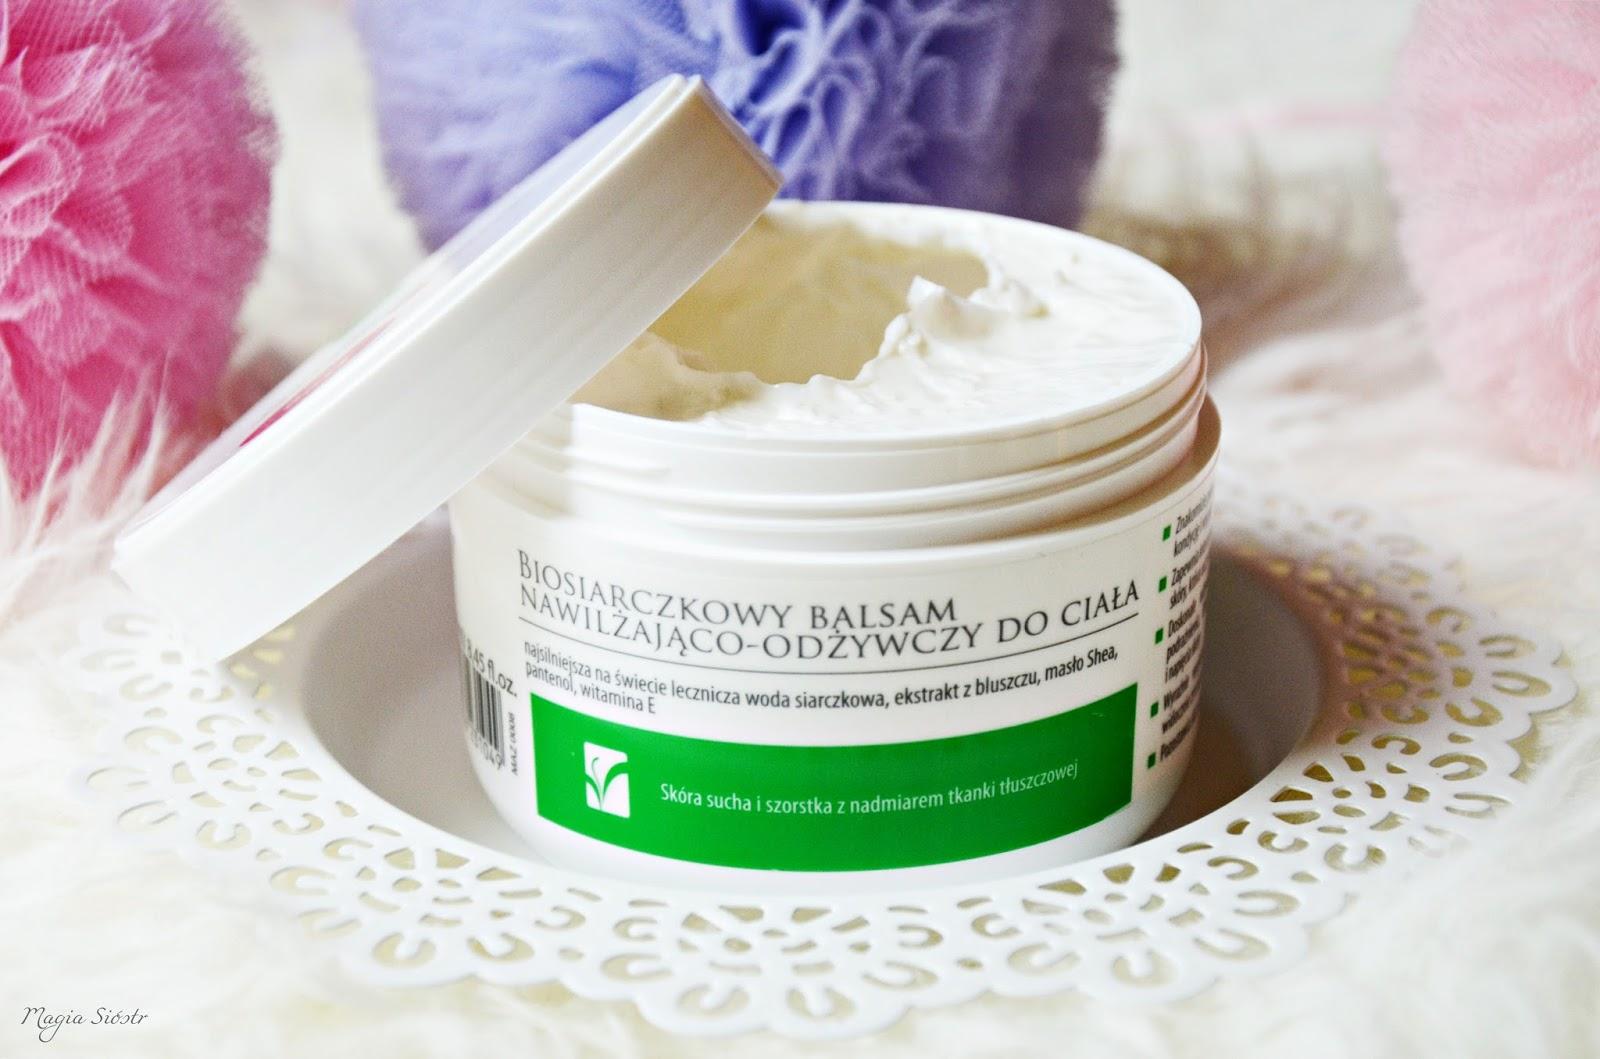 ekolocgiczne kosmetyki, naturalne kosmetyki